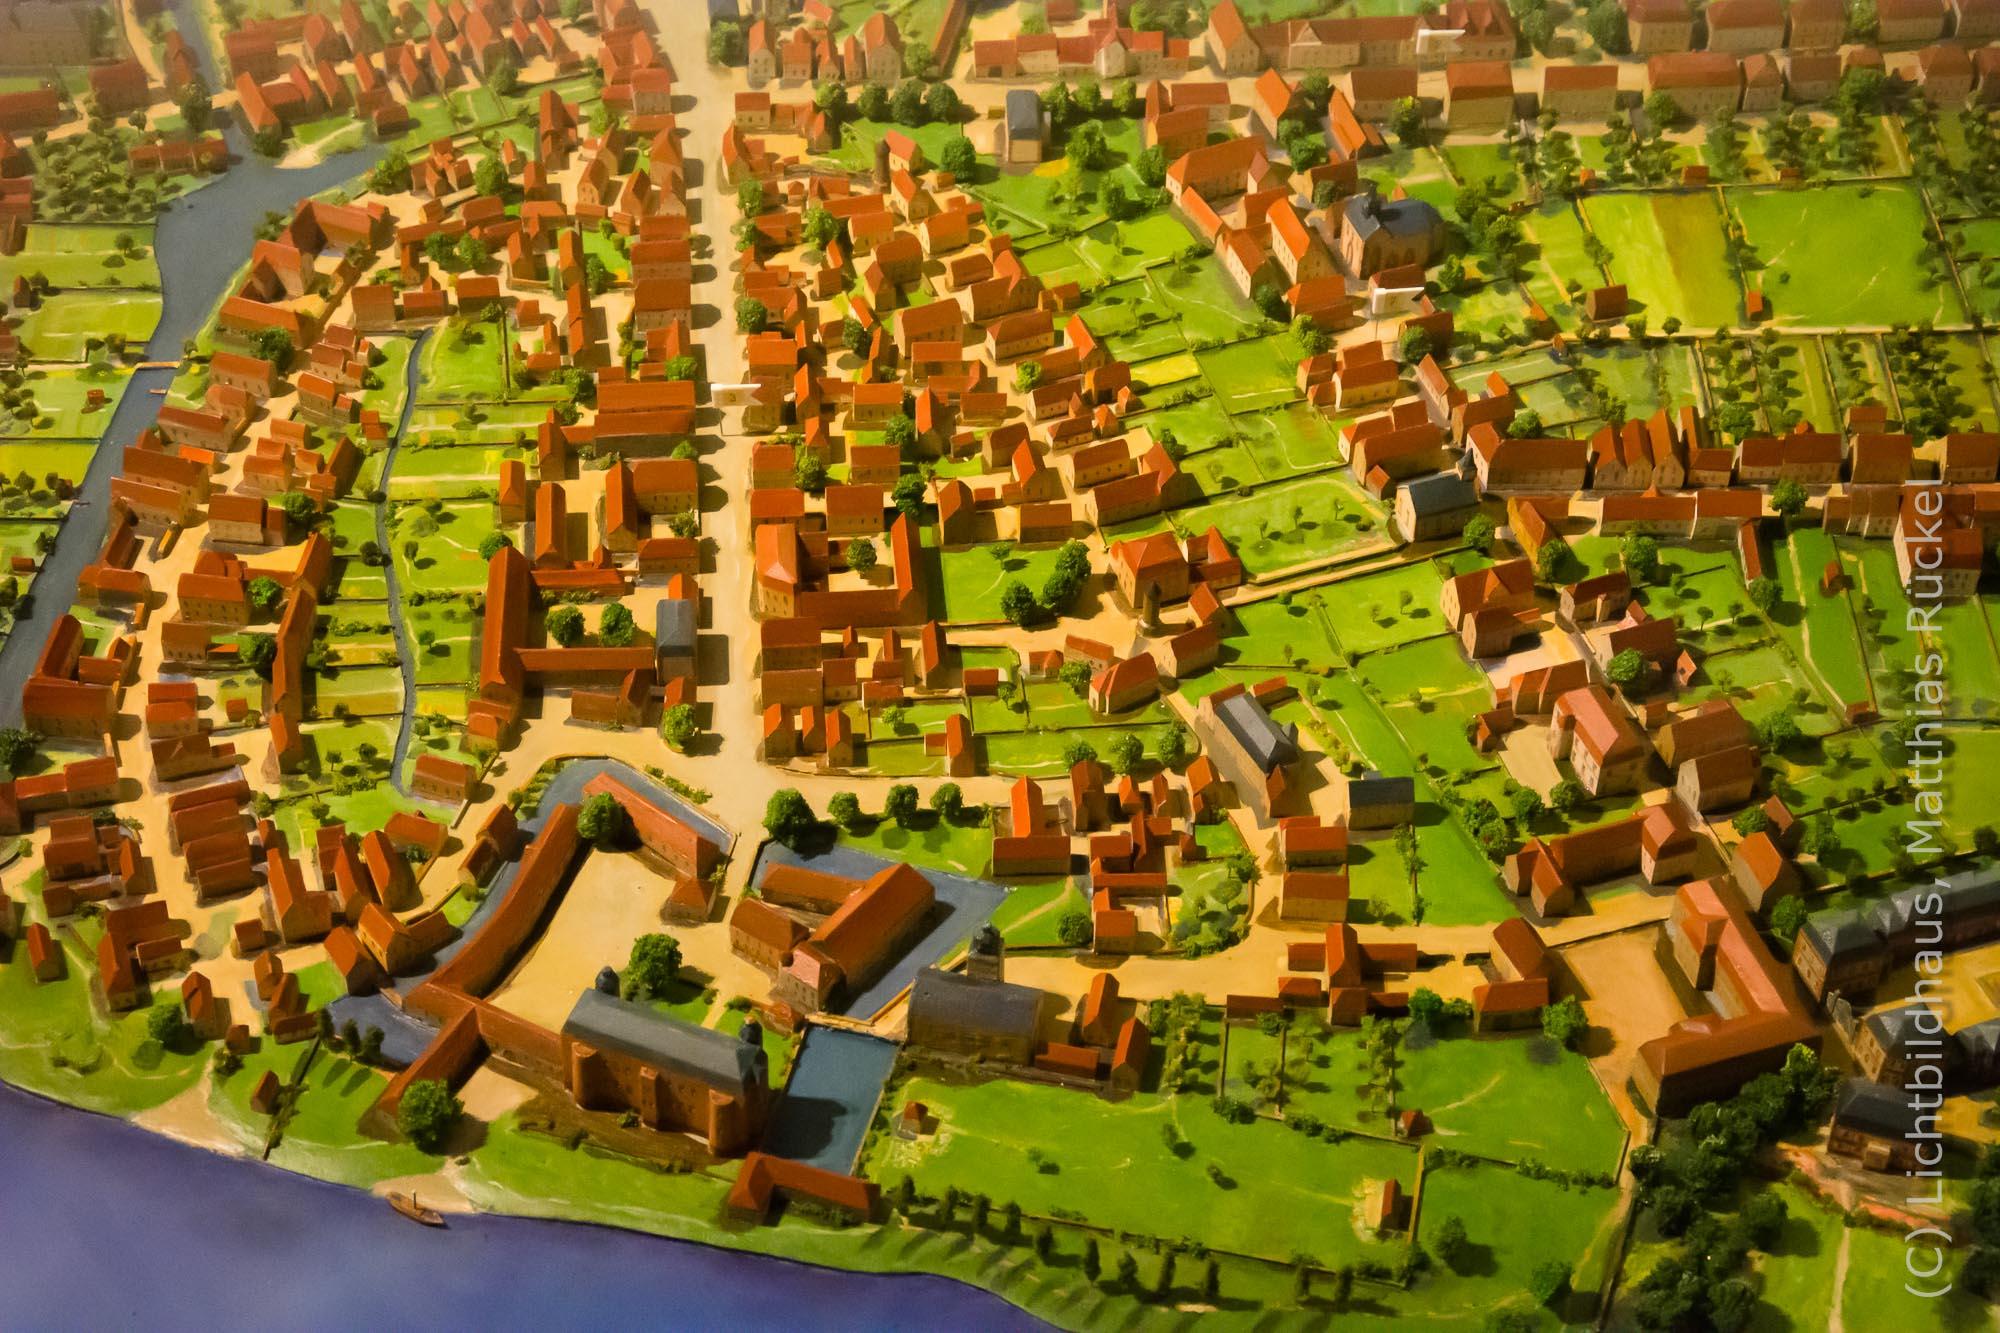 Modell Stadtmuseum